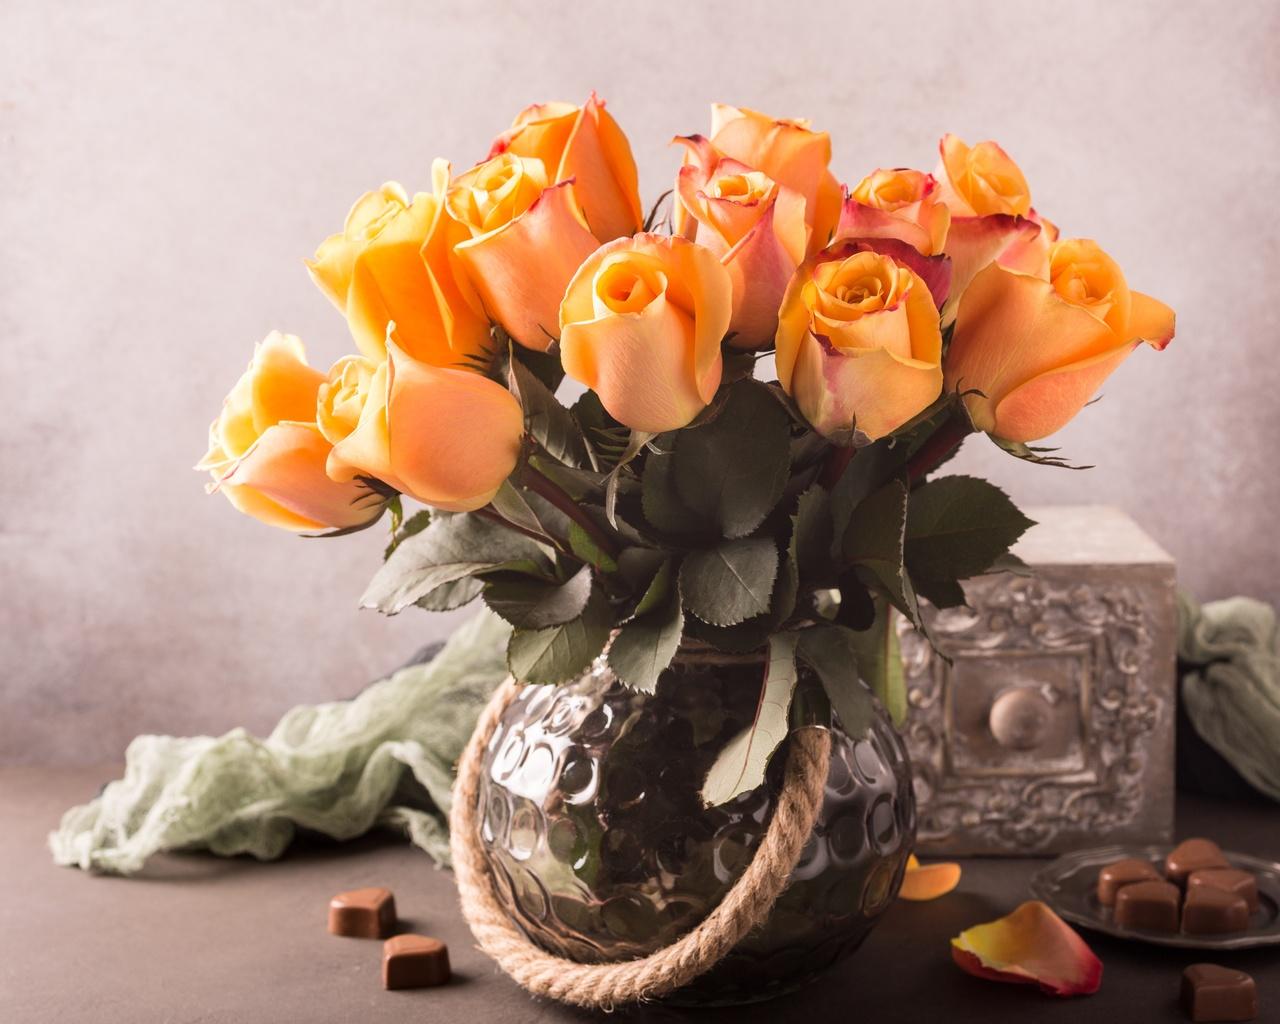 ваза, букет, цветы, розы, ткань, шарф, блюдце, конфеты, лепестки